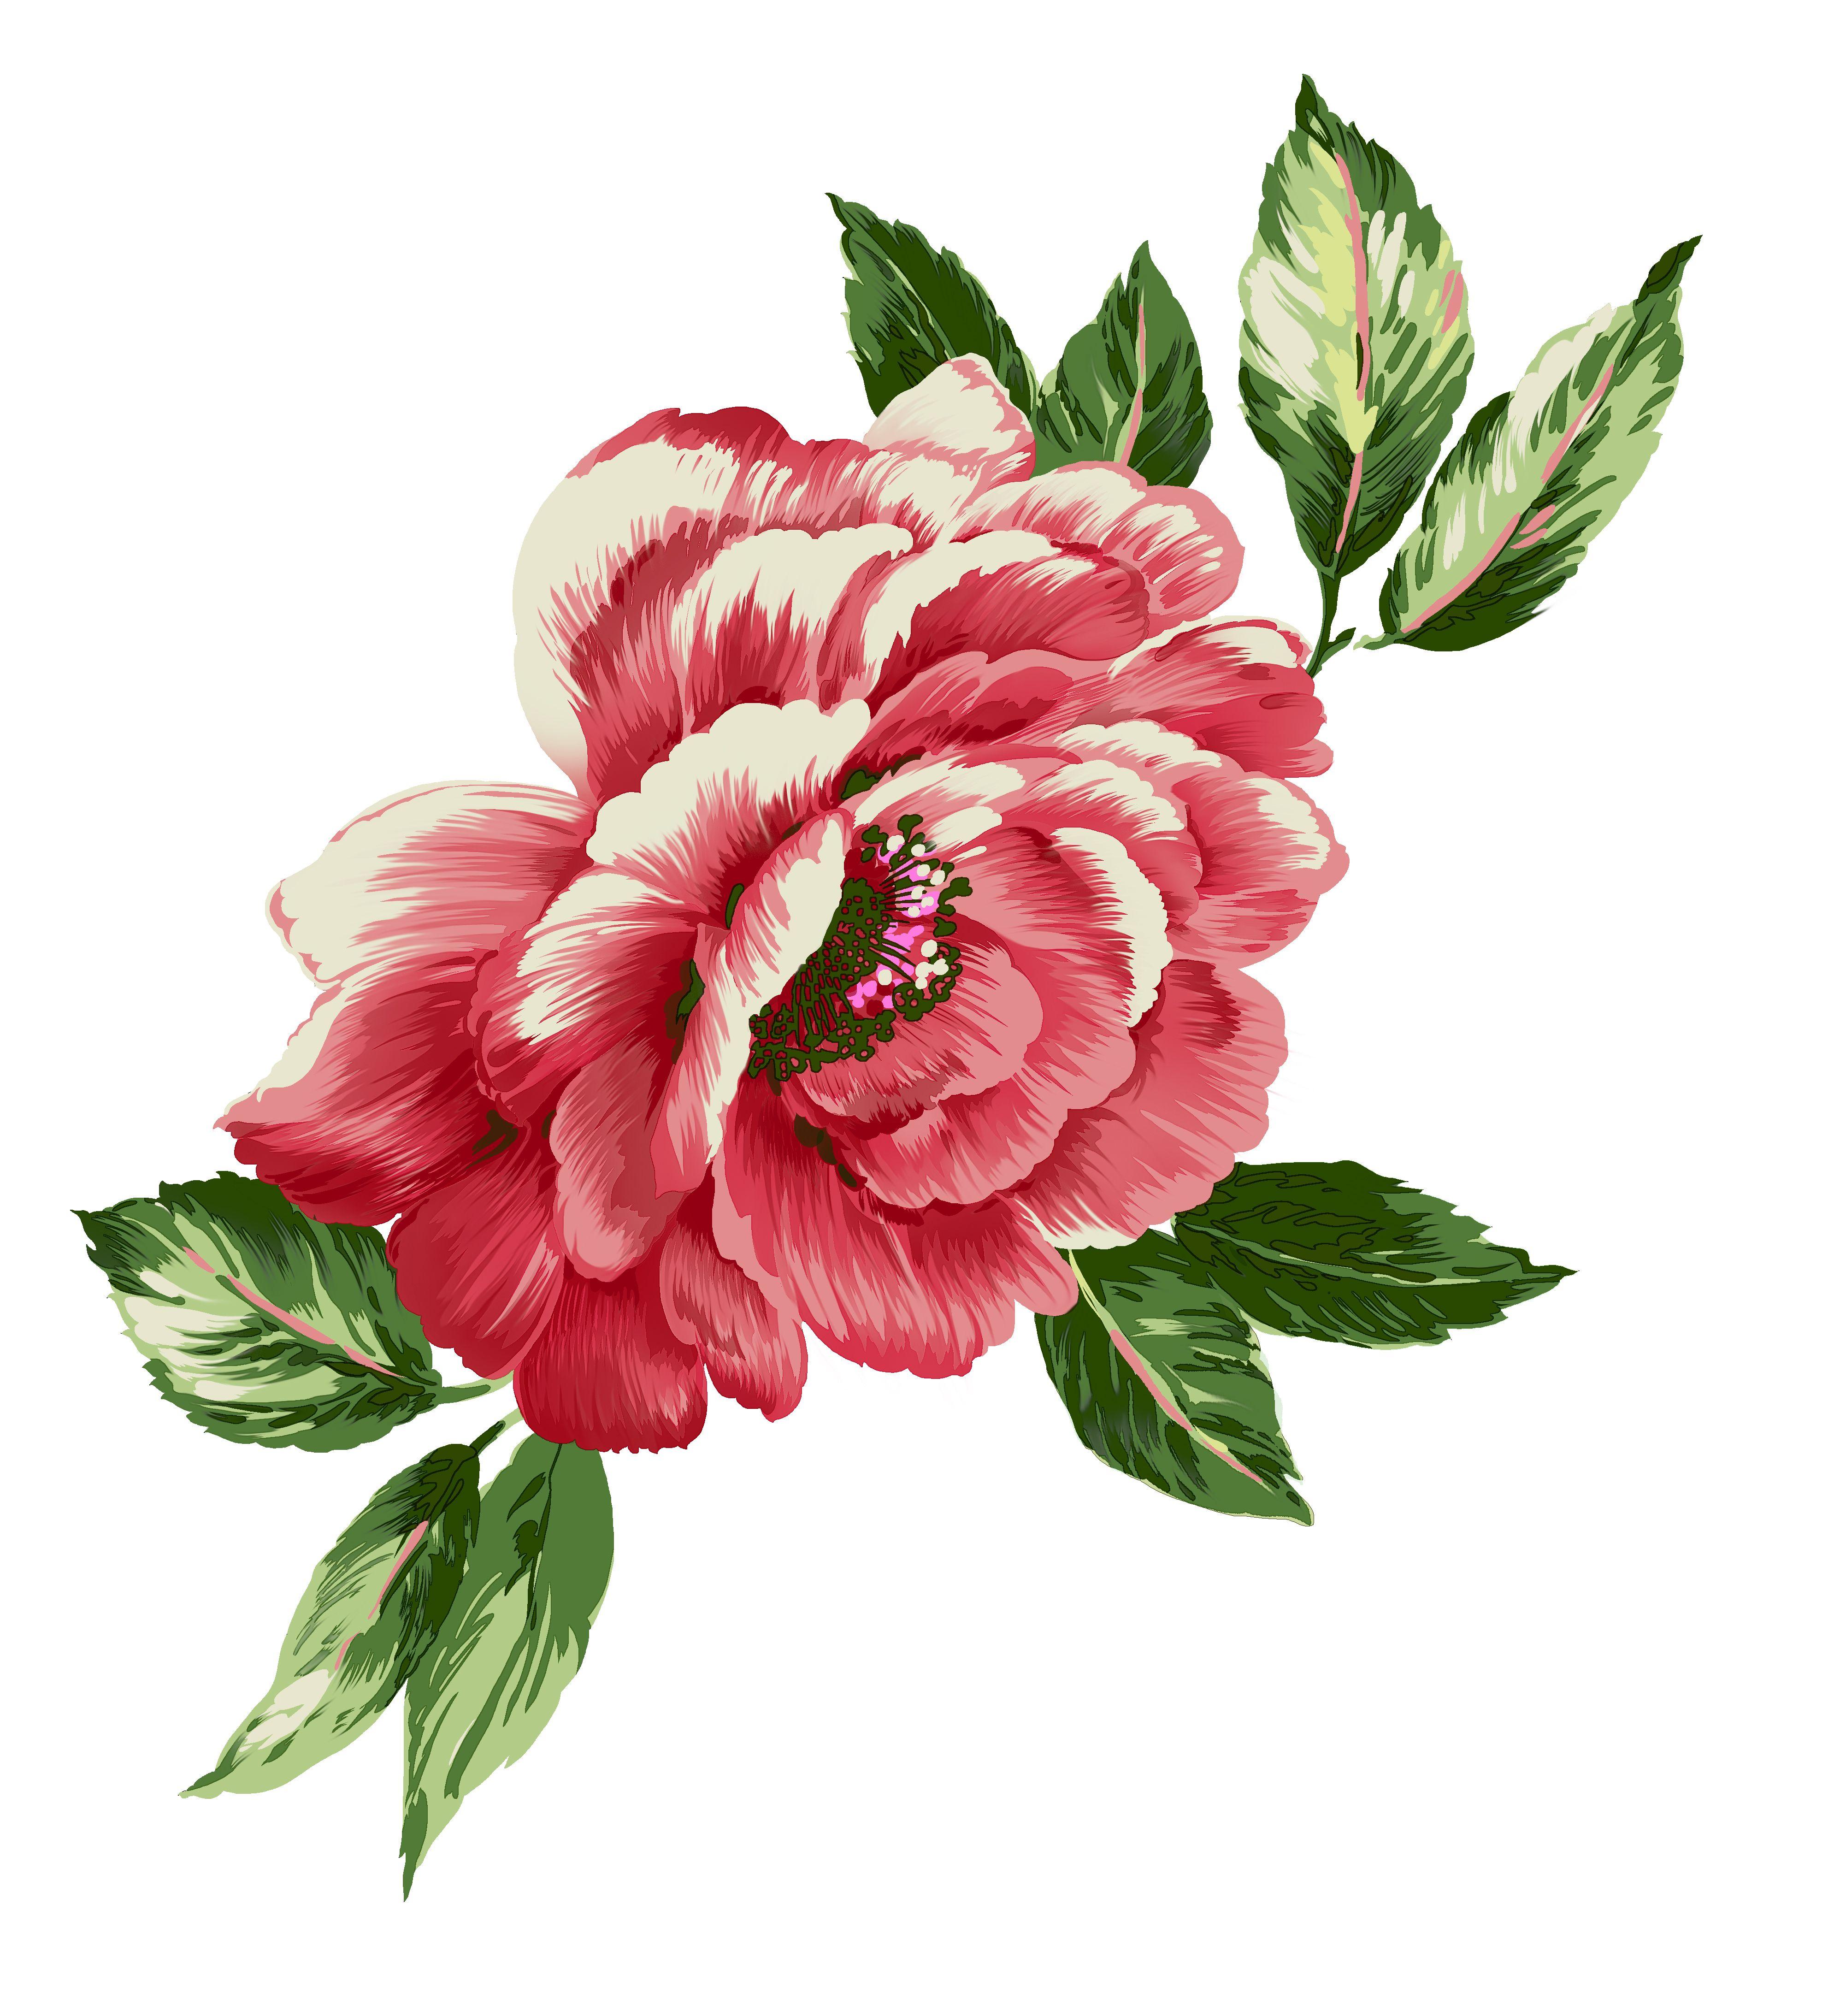 Pin von Rosa Estelli Szczepanovski auf Cortinas | Pinterest | Blumen